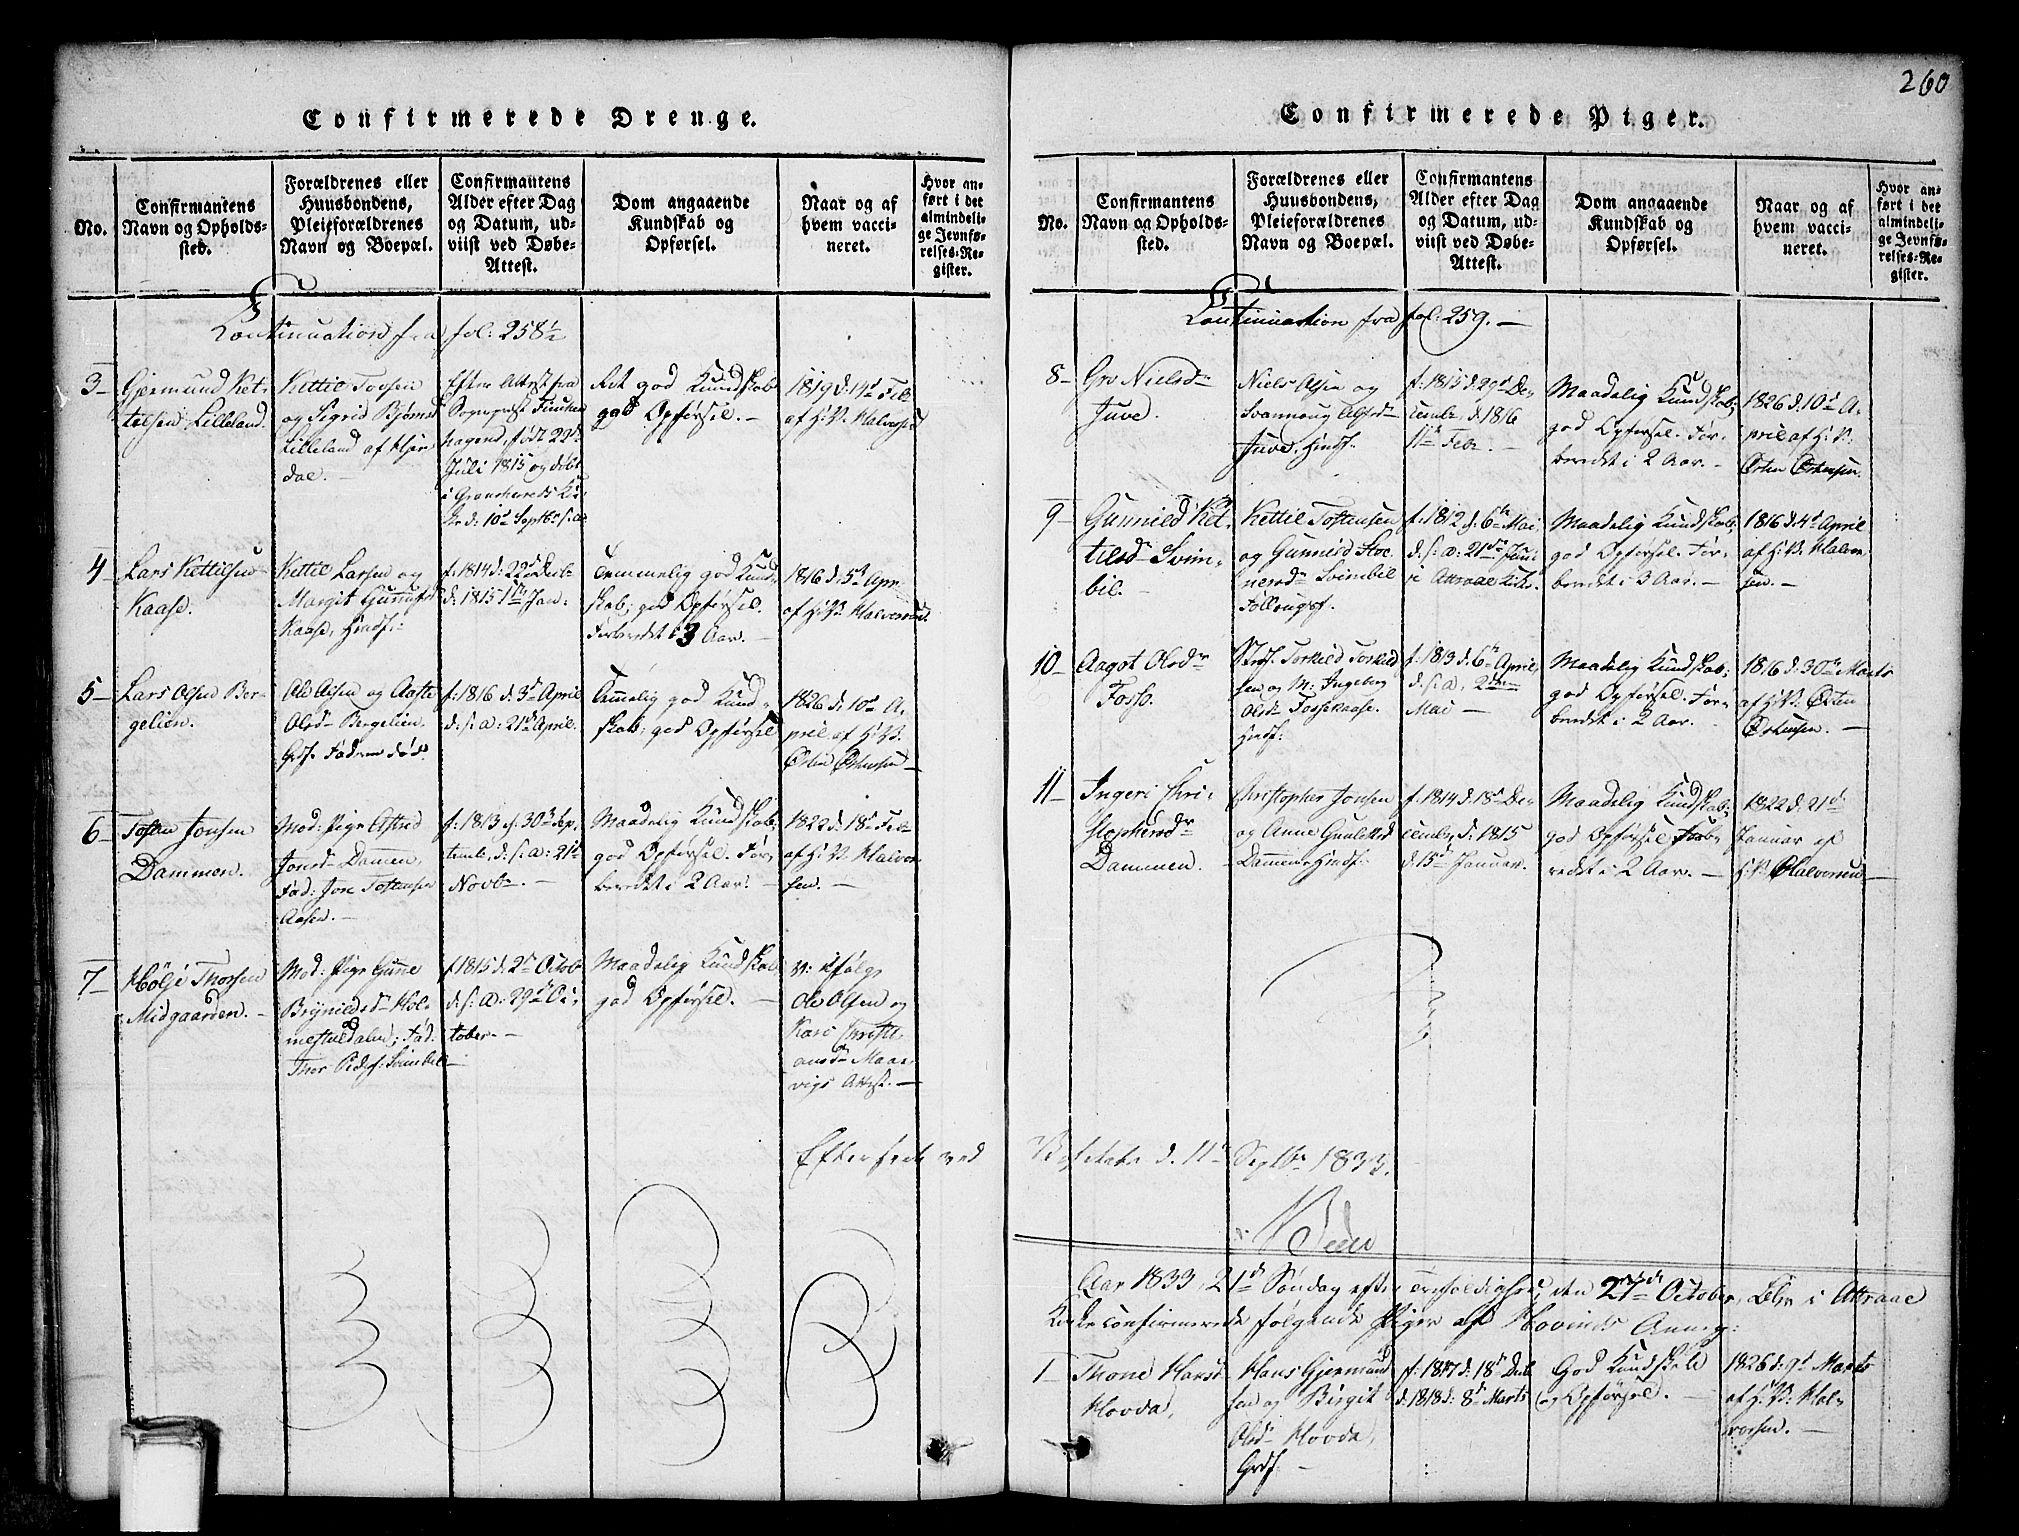 SAKO, Gransherad kirkebøker, G/Gb/L0001: Klokkerbok nr. II 1, 1815-1860, s. 260